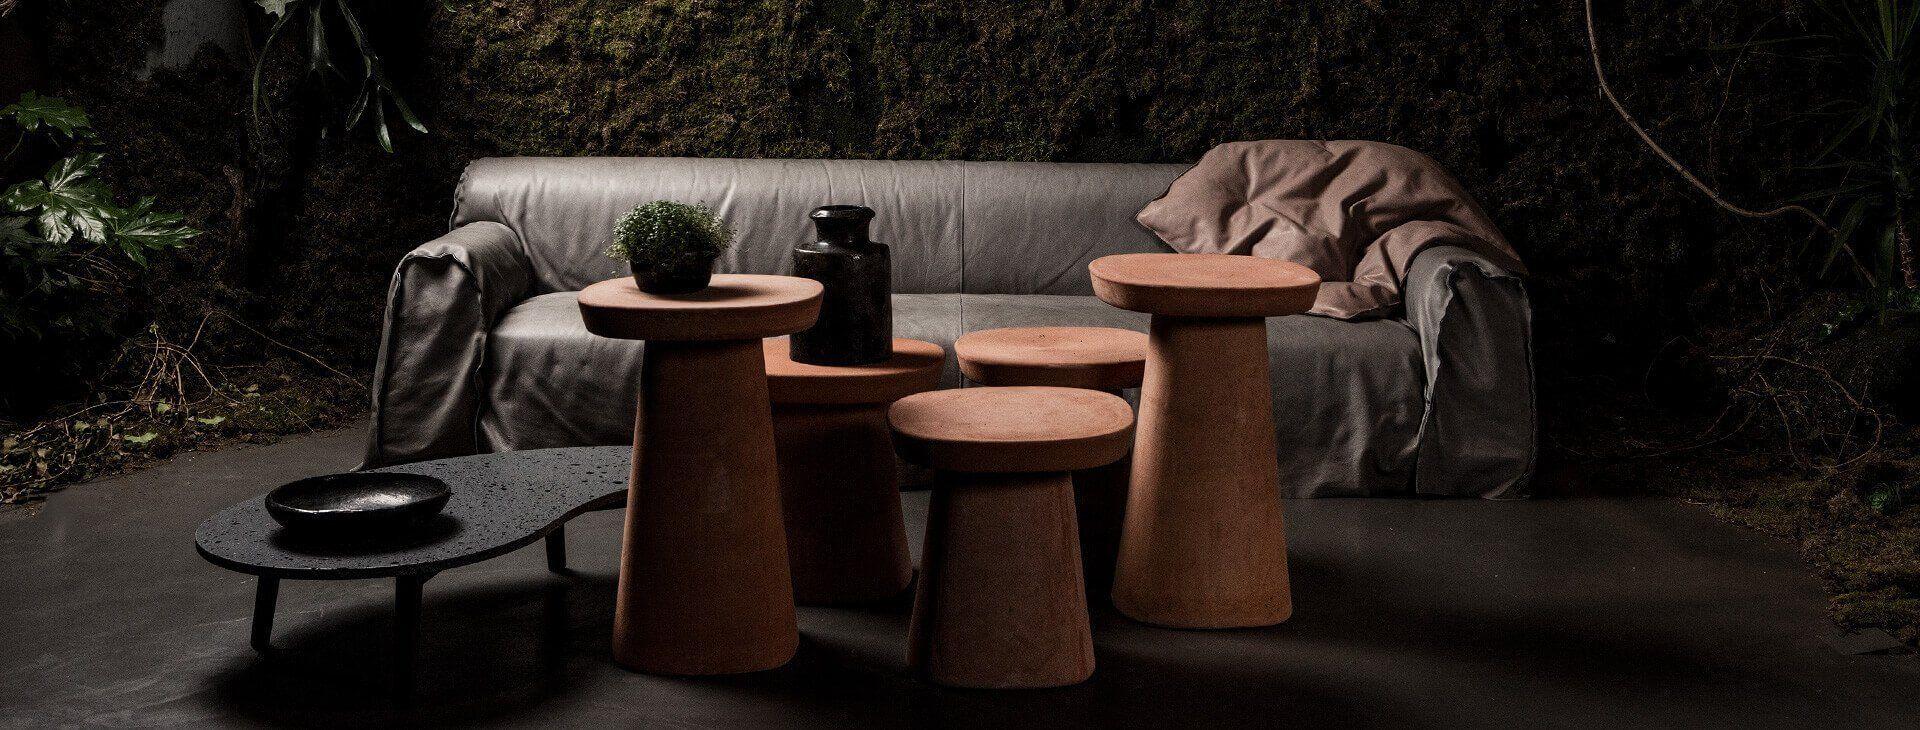 exklusive mobel marken, die italienische marke baxter steht für exklusive möbel aus leder, Design ideen